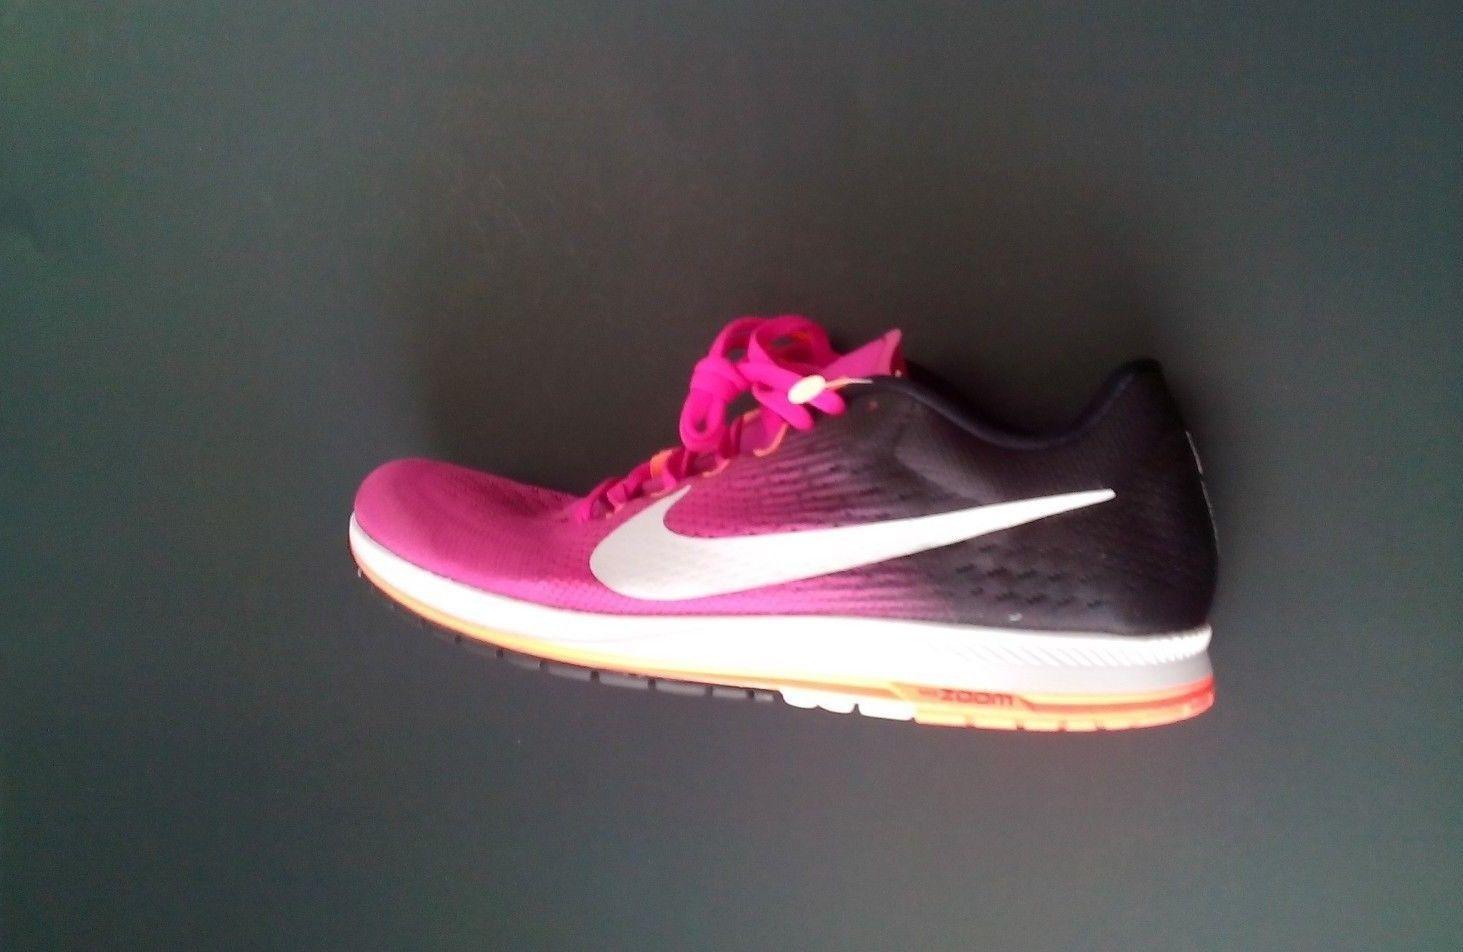 ec498534aea0 Nike Zoom Streak Men s Training Tennis Shoes Racing Pink Black 831413-600 -   65.00